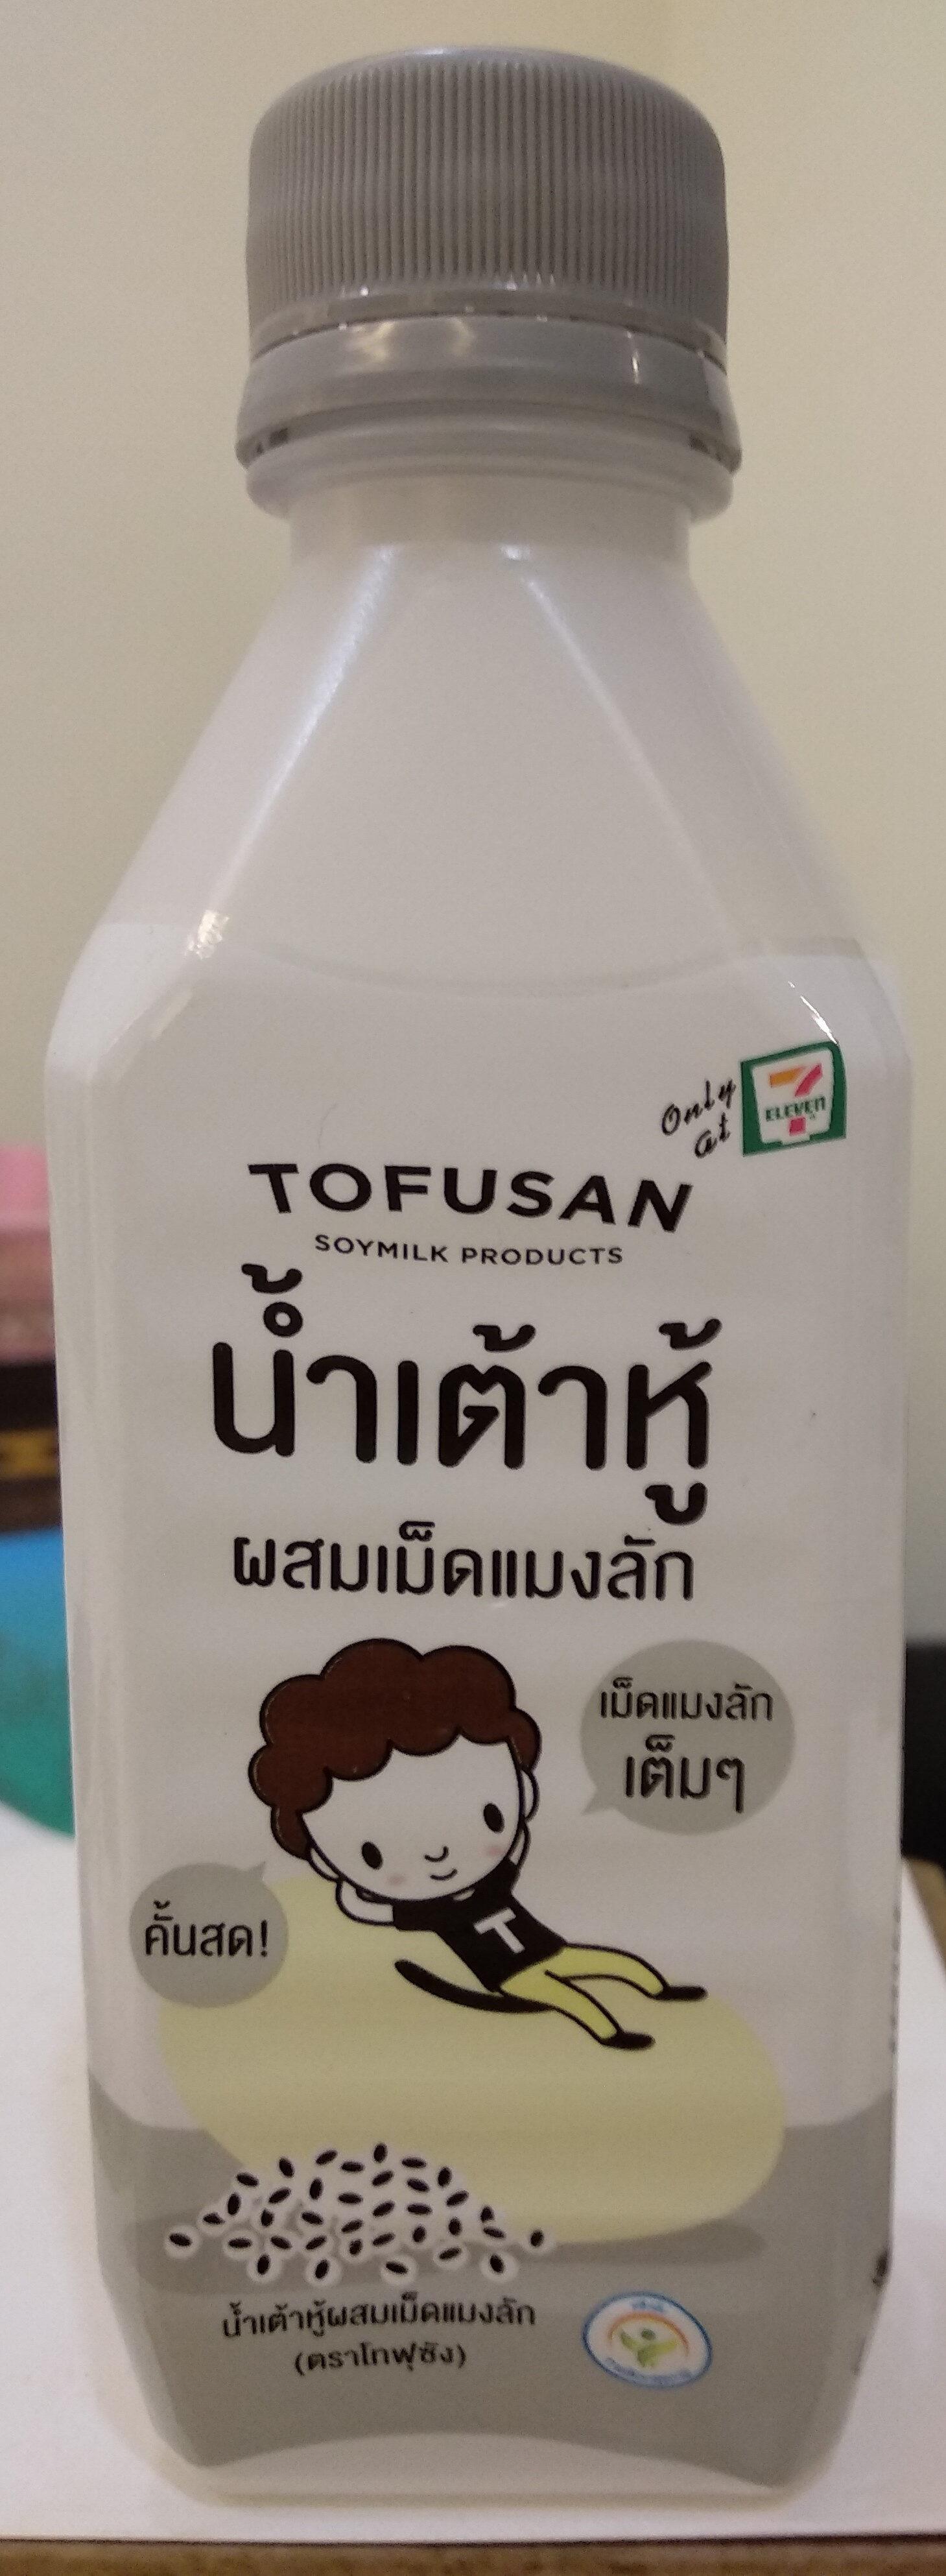 น้ำเต้าหู้ผสมเม็ดแมงลัก ตราโทฟุซัง - Product - en